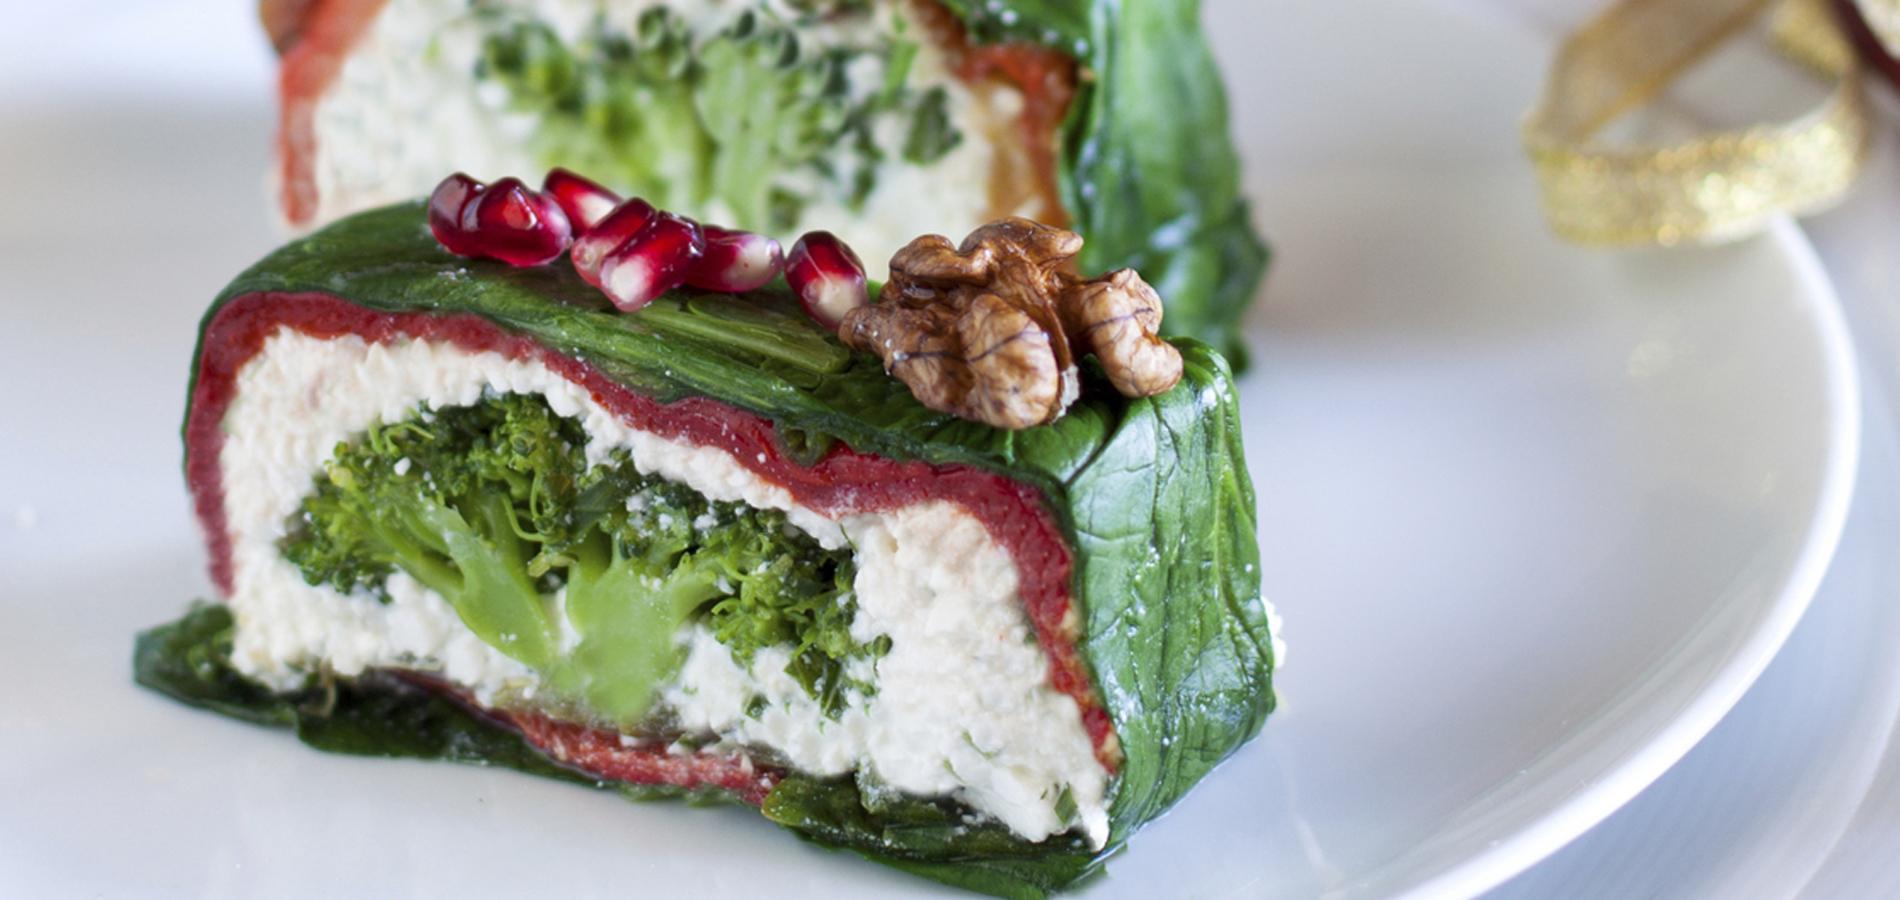 Menu Simple Repas De Noel.Nos Plus Belles Recettes Pour Un Repas De Noel Vegetarien